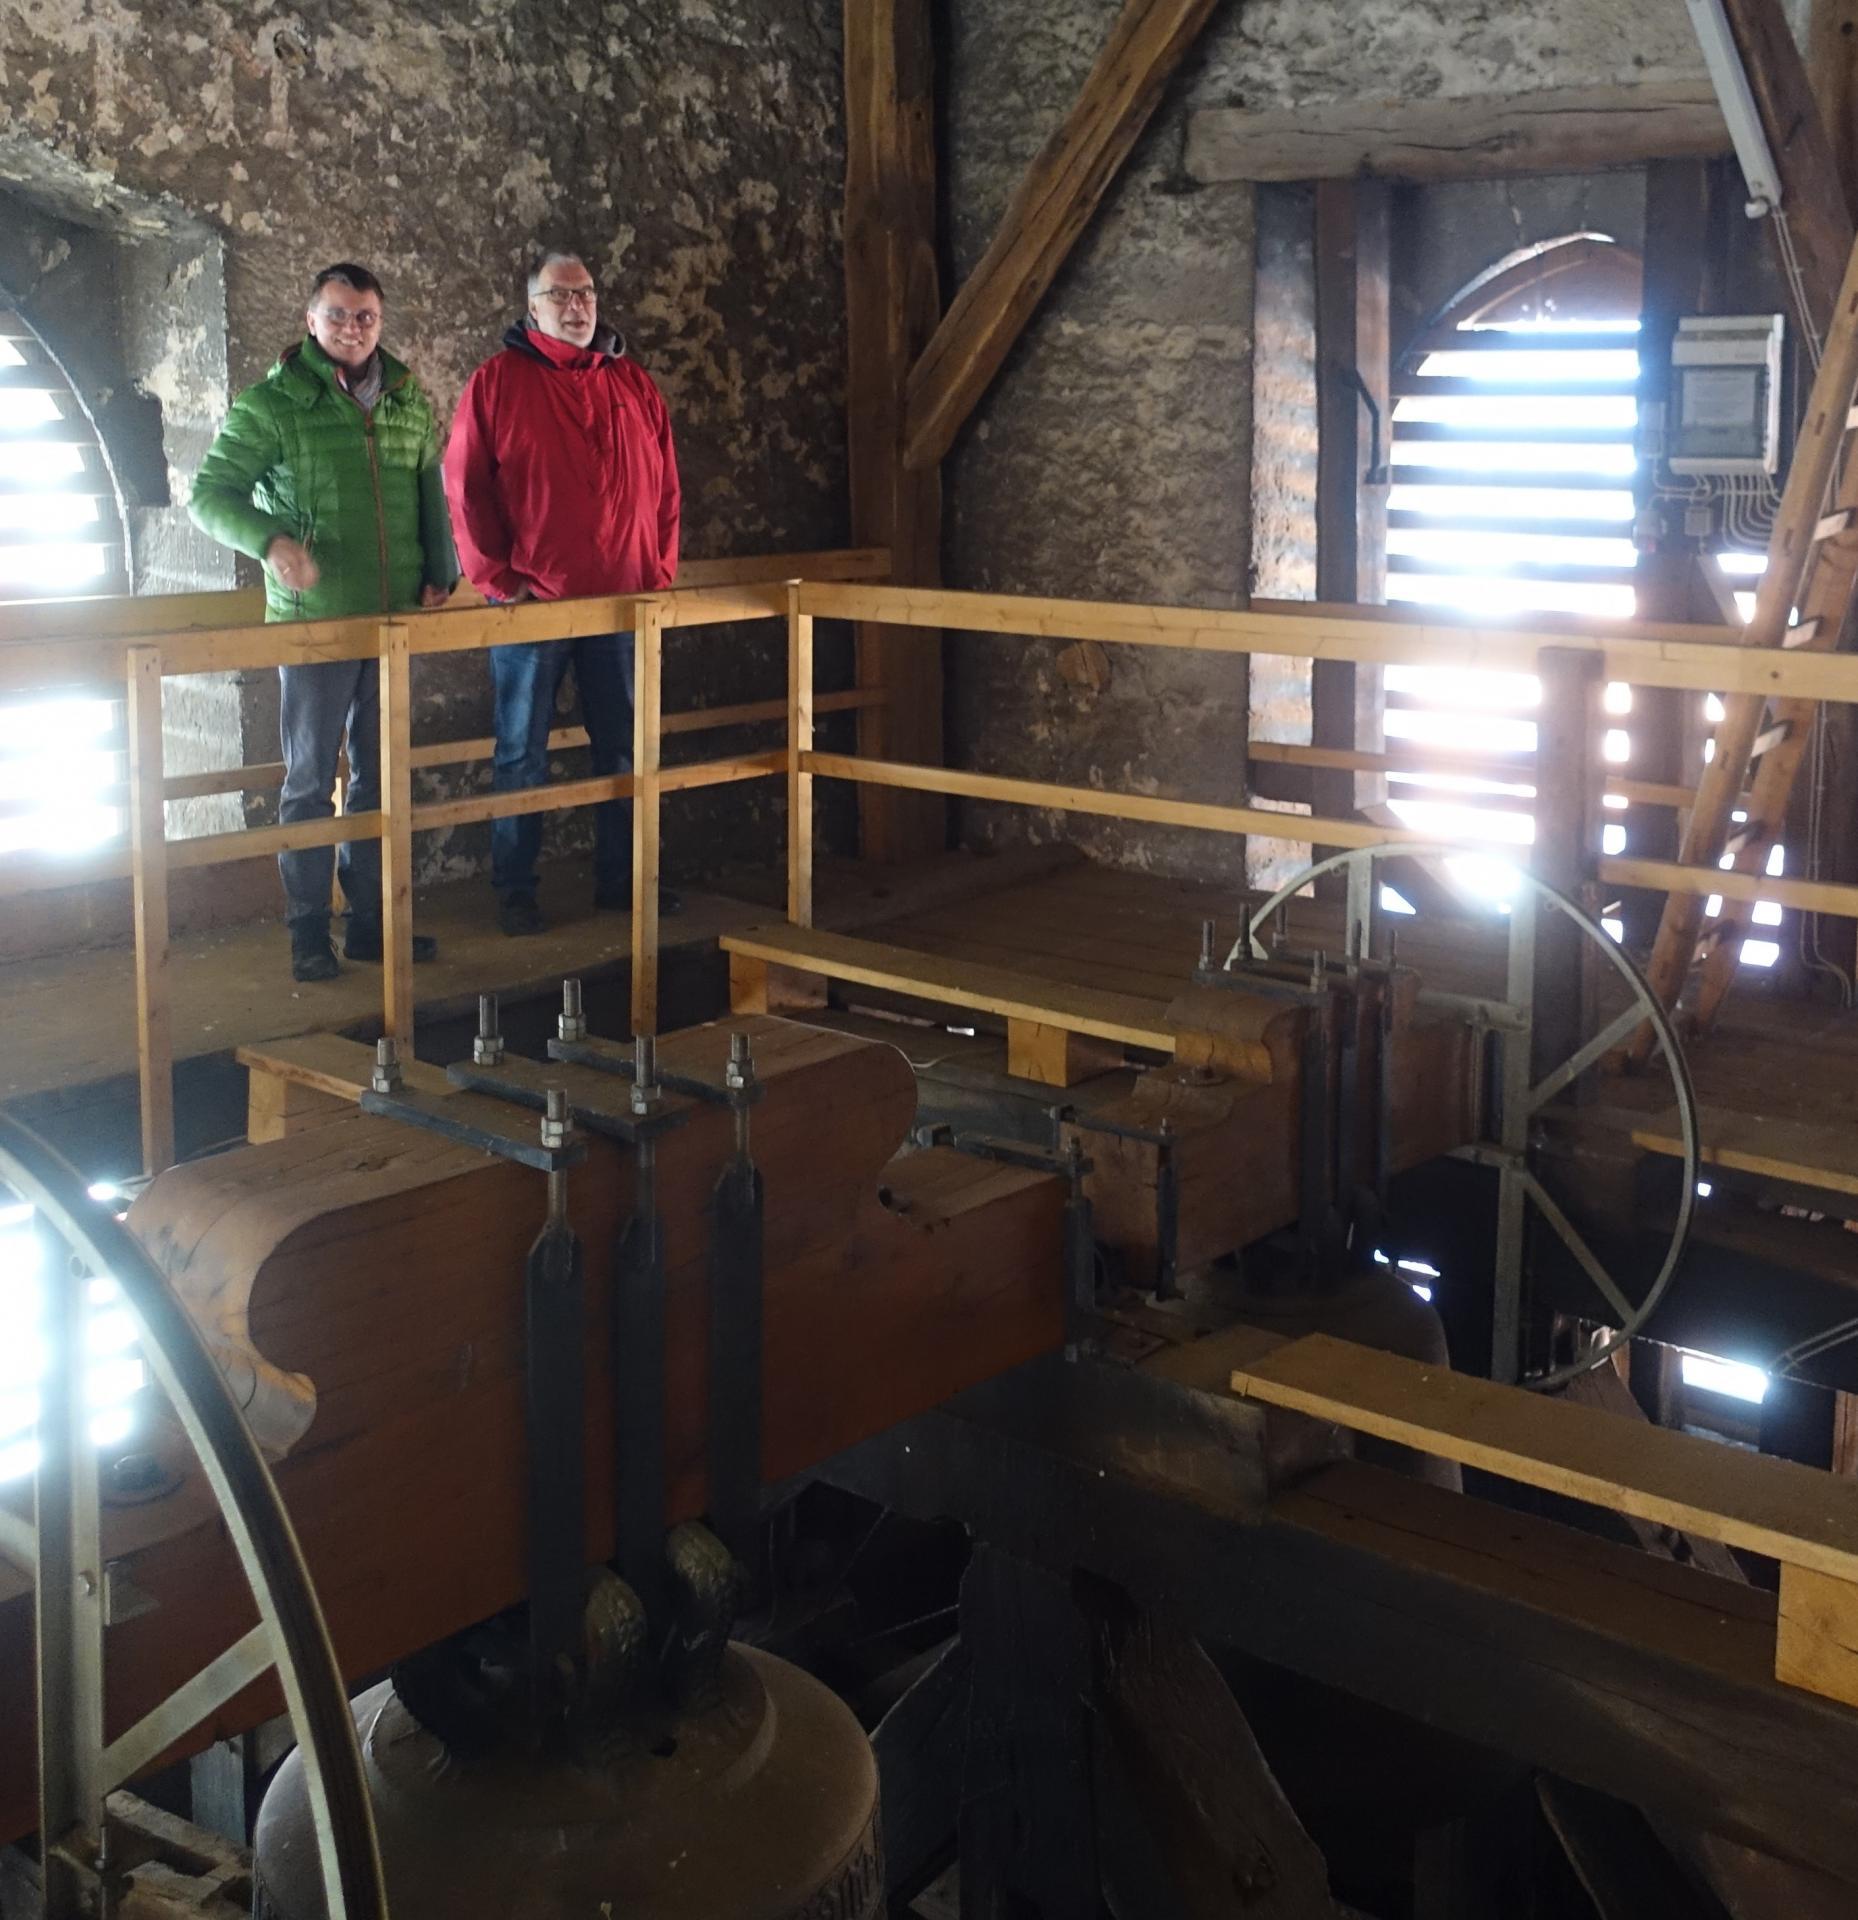 Das Bild zeigt Frank Wagner und Jens Täubert in Glockenturm Januar 2019 auf der Suche nach elektrischen Leitungen